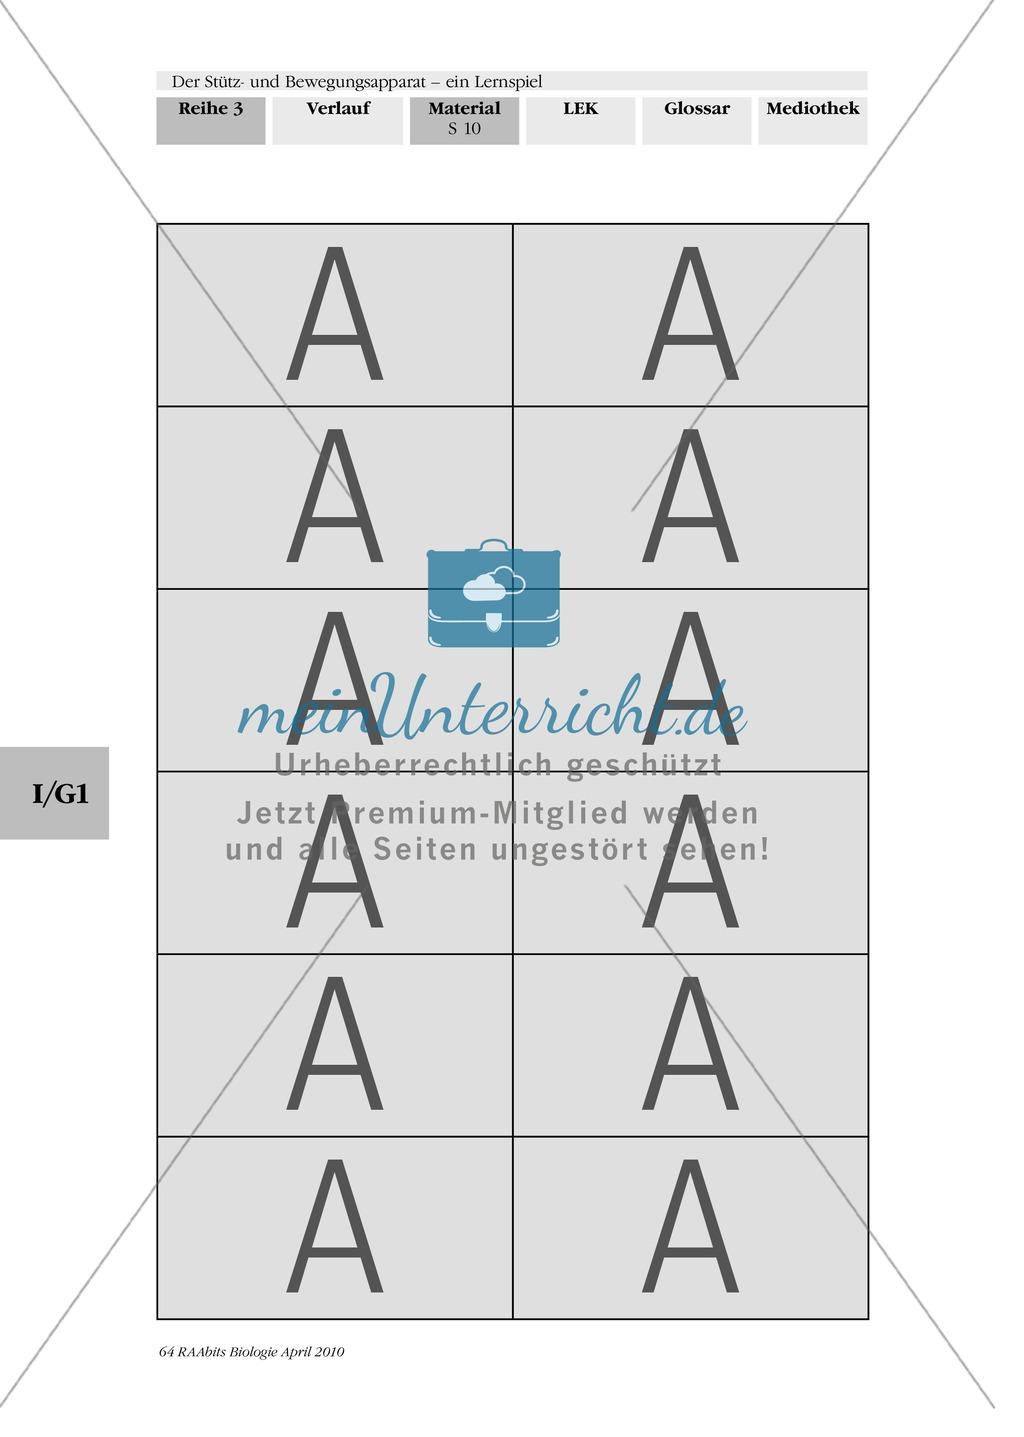 Lernspiel zum Stütz- und Bewegungsapparat: Spielanleitung, Spielfeld, Skelett-Puzzleteile, Fragen, Spielkarten, Röntgenbilder Kontrollbogen, Lösungsbogen Preview 8